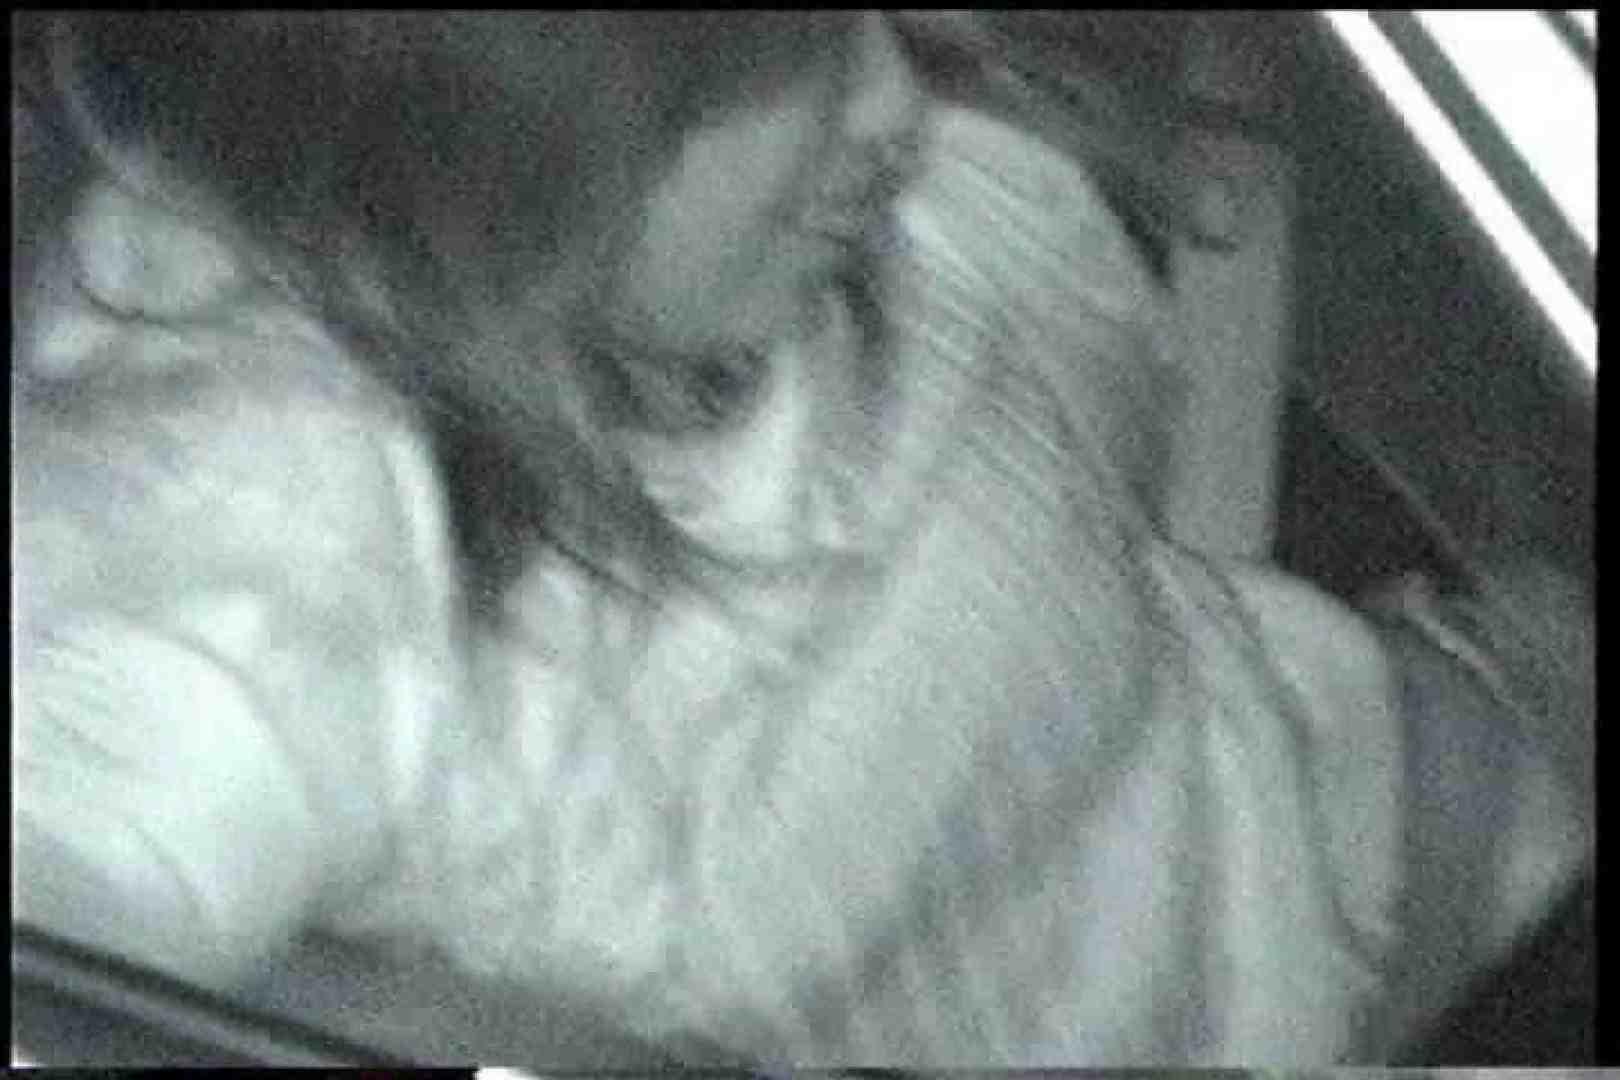 充血監督の深夜の運動会Vol.165 OLエロ画像  105PICs 60